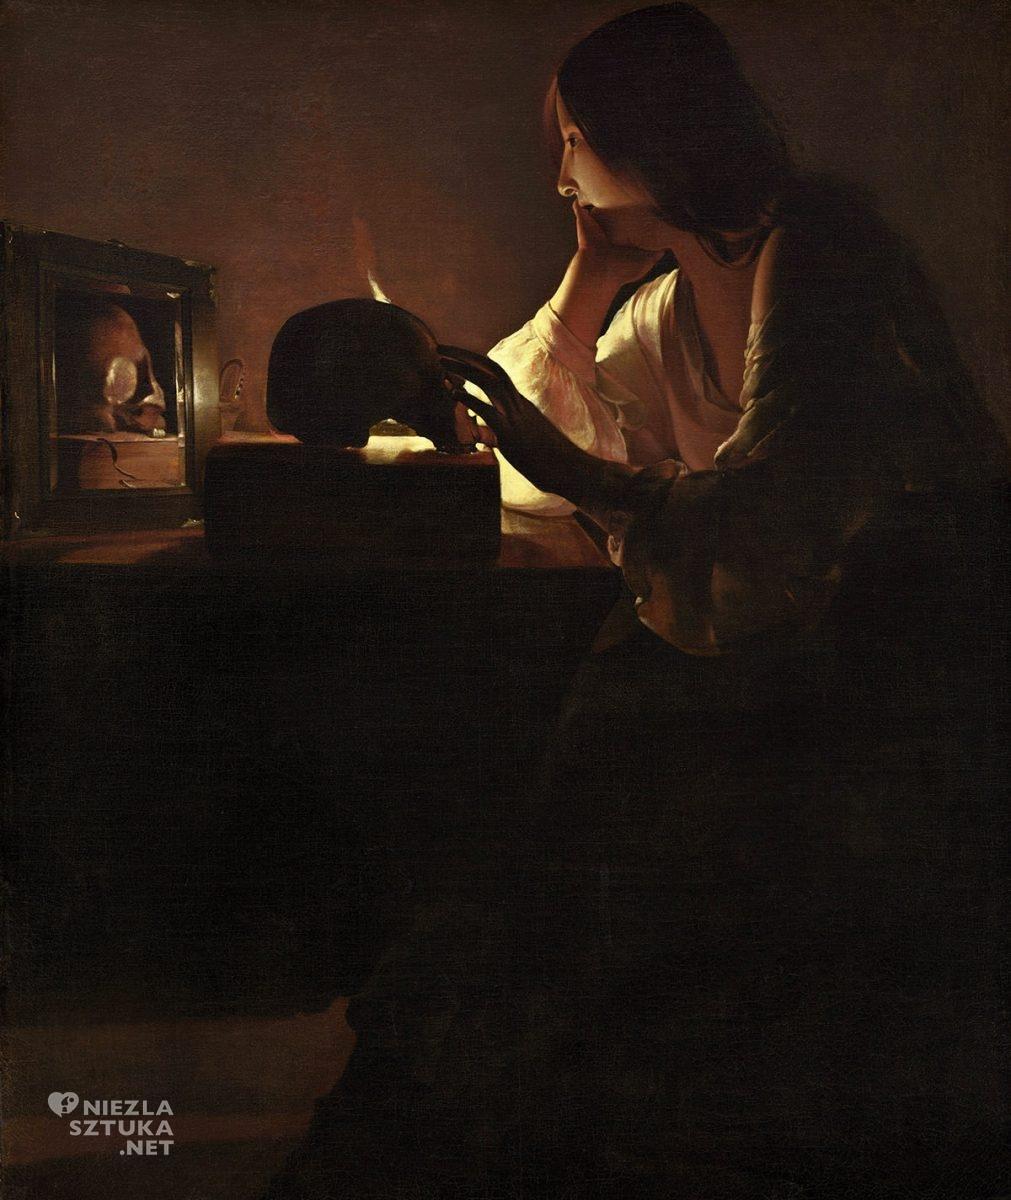 Georges de La Tour, Pokutująca Magdalena, barok sztuka religijna, Niezła Sztuka